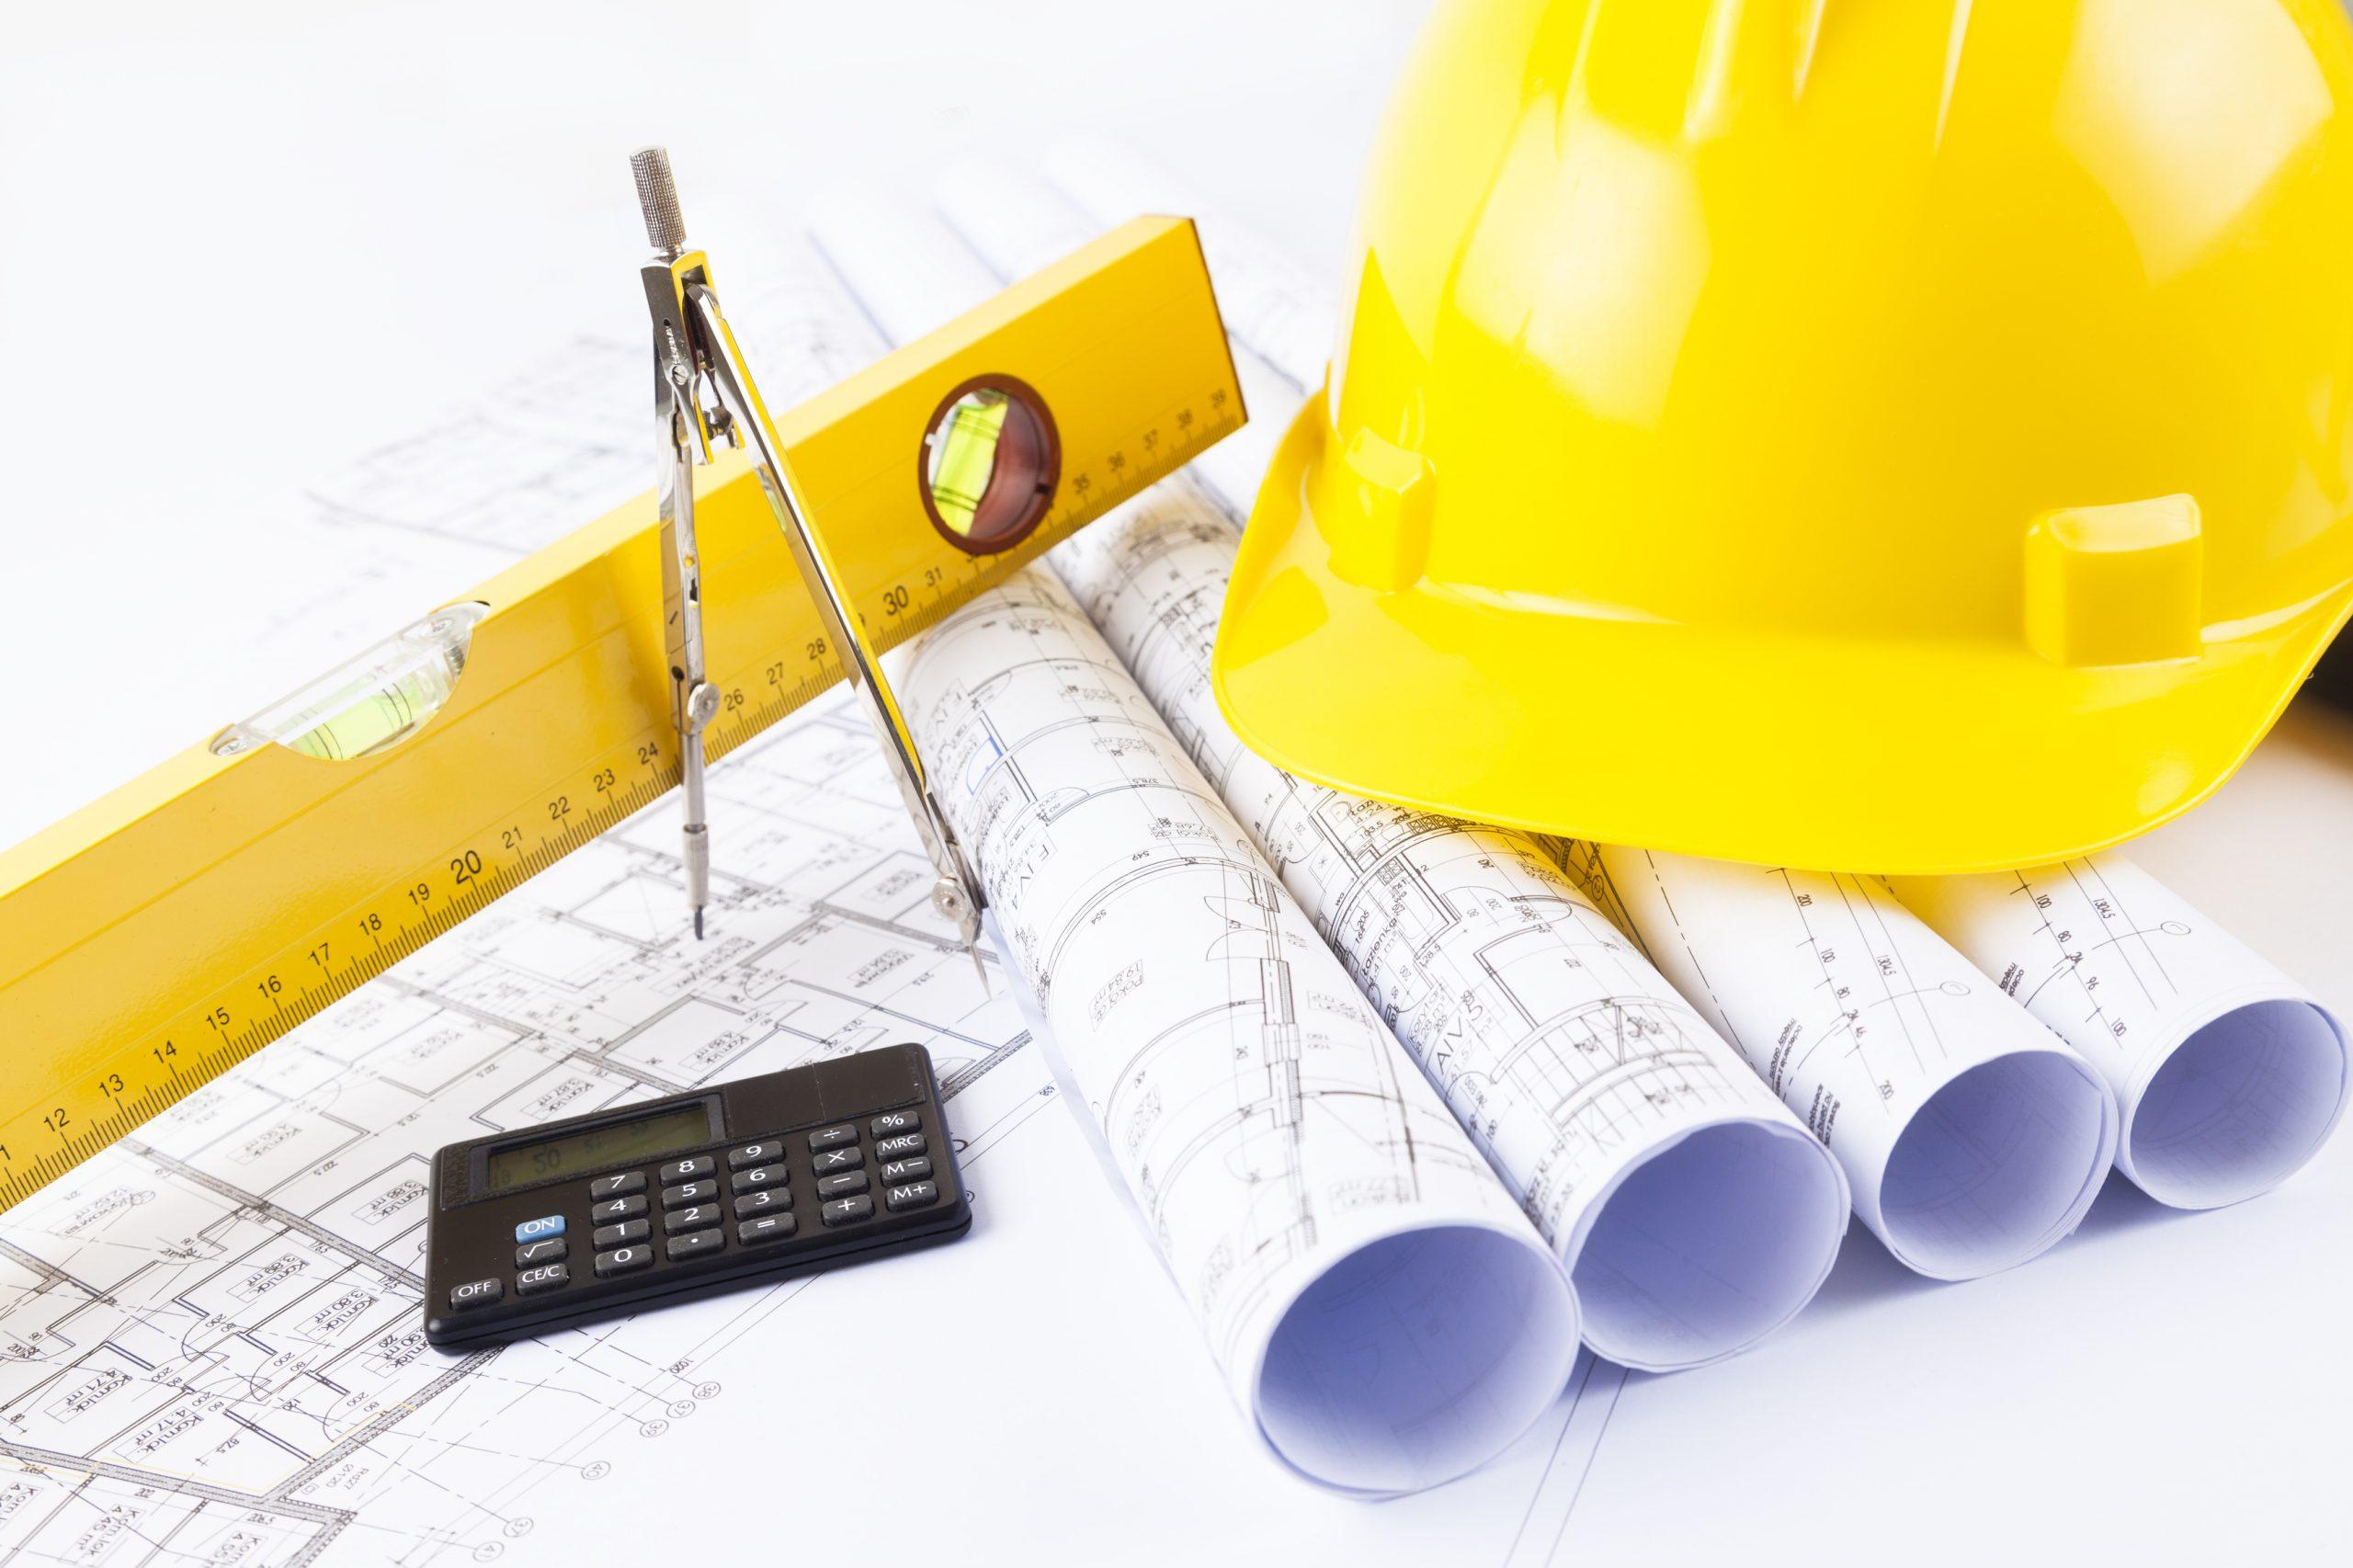 carreira engenharia civil projetos e capacete em cima de mesa